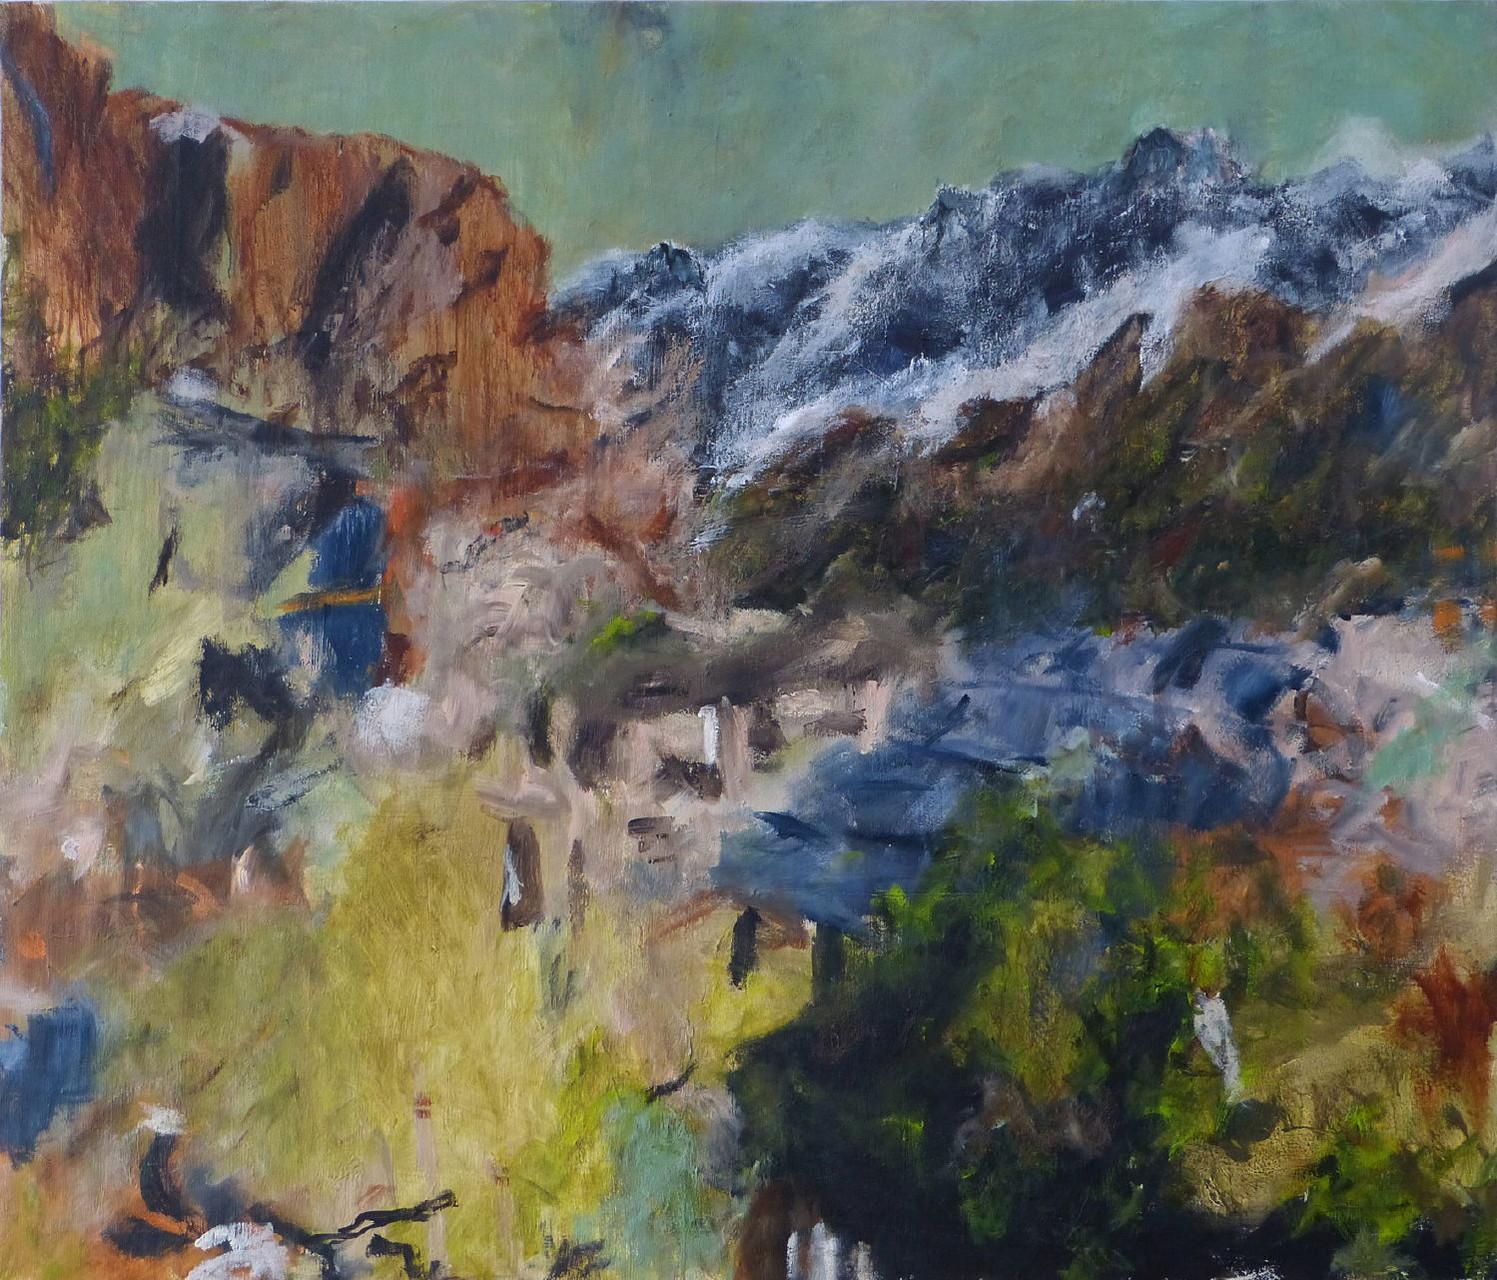 Mountainscape 4,  Acryl/Lwd., 120 x 140 cm, 2015